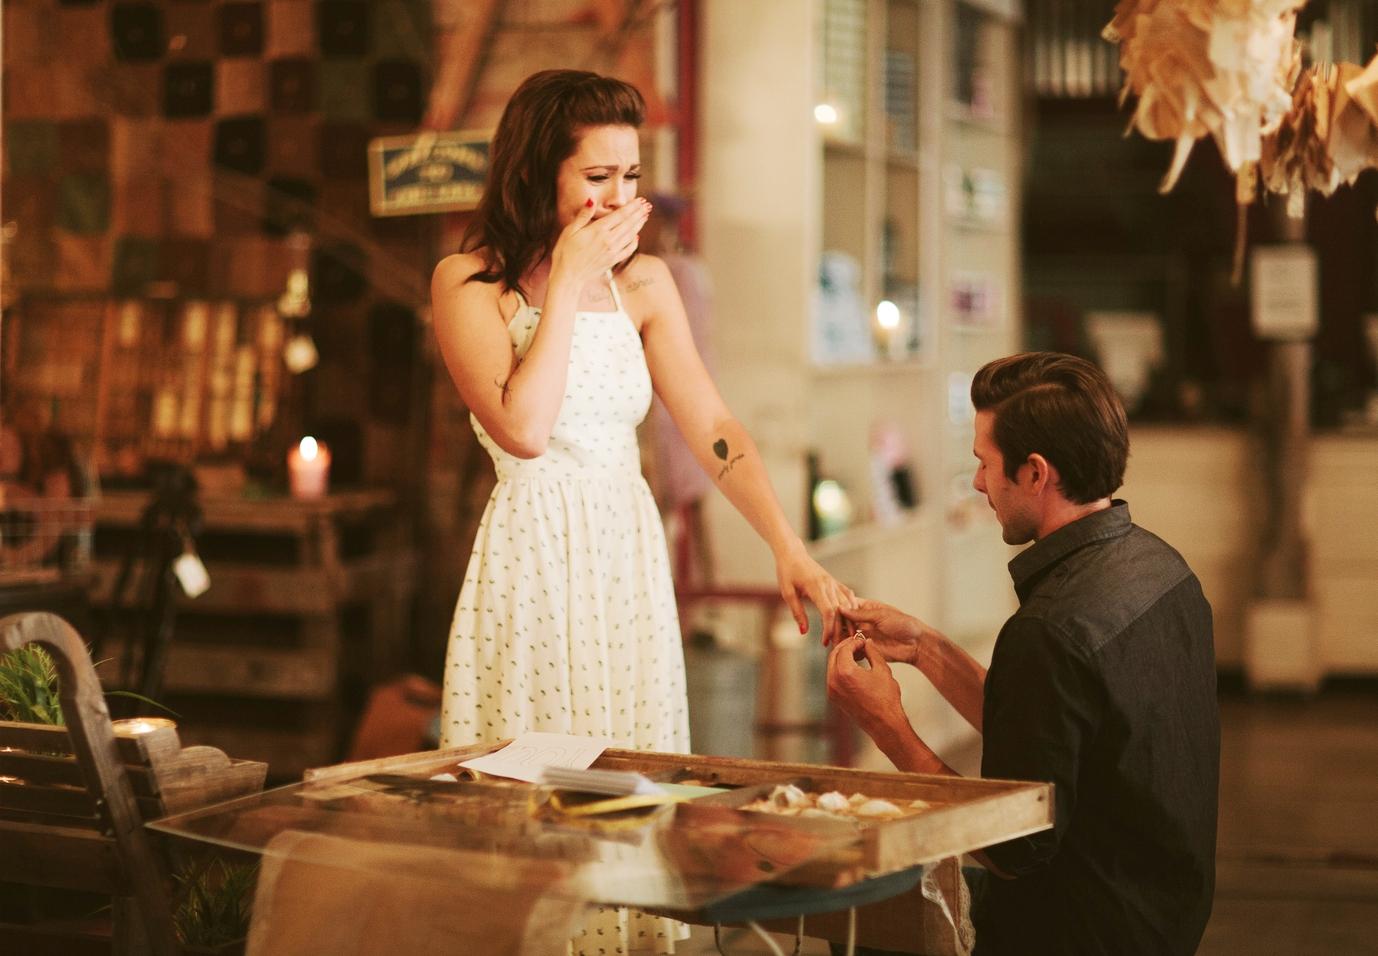 Картинки с предложением замуж